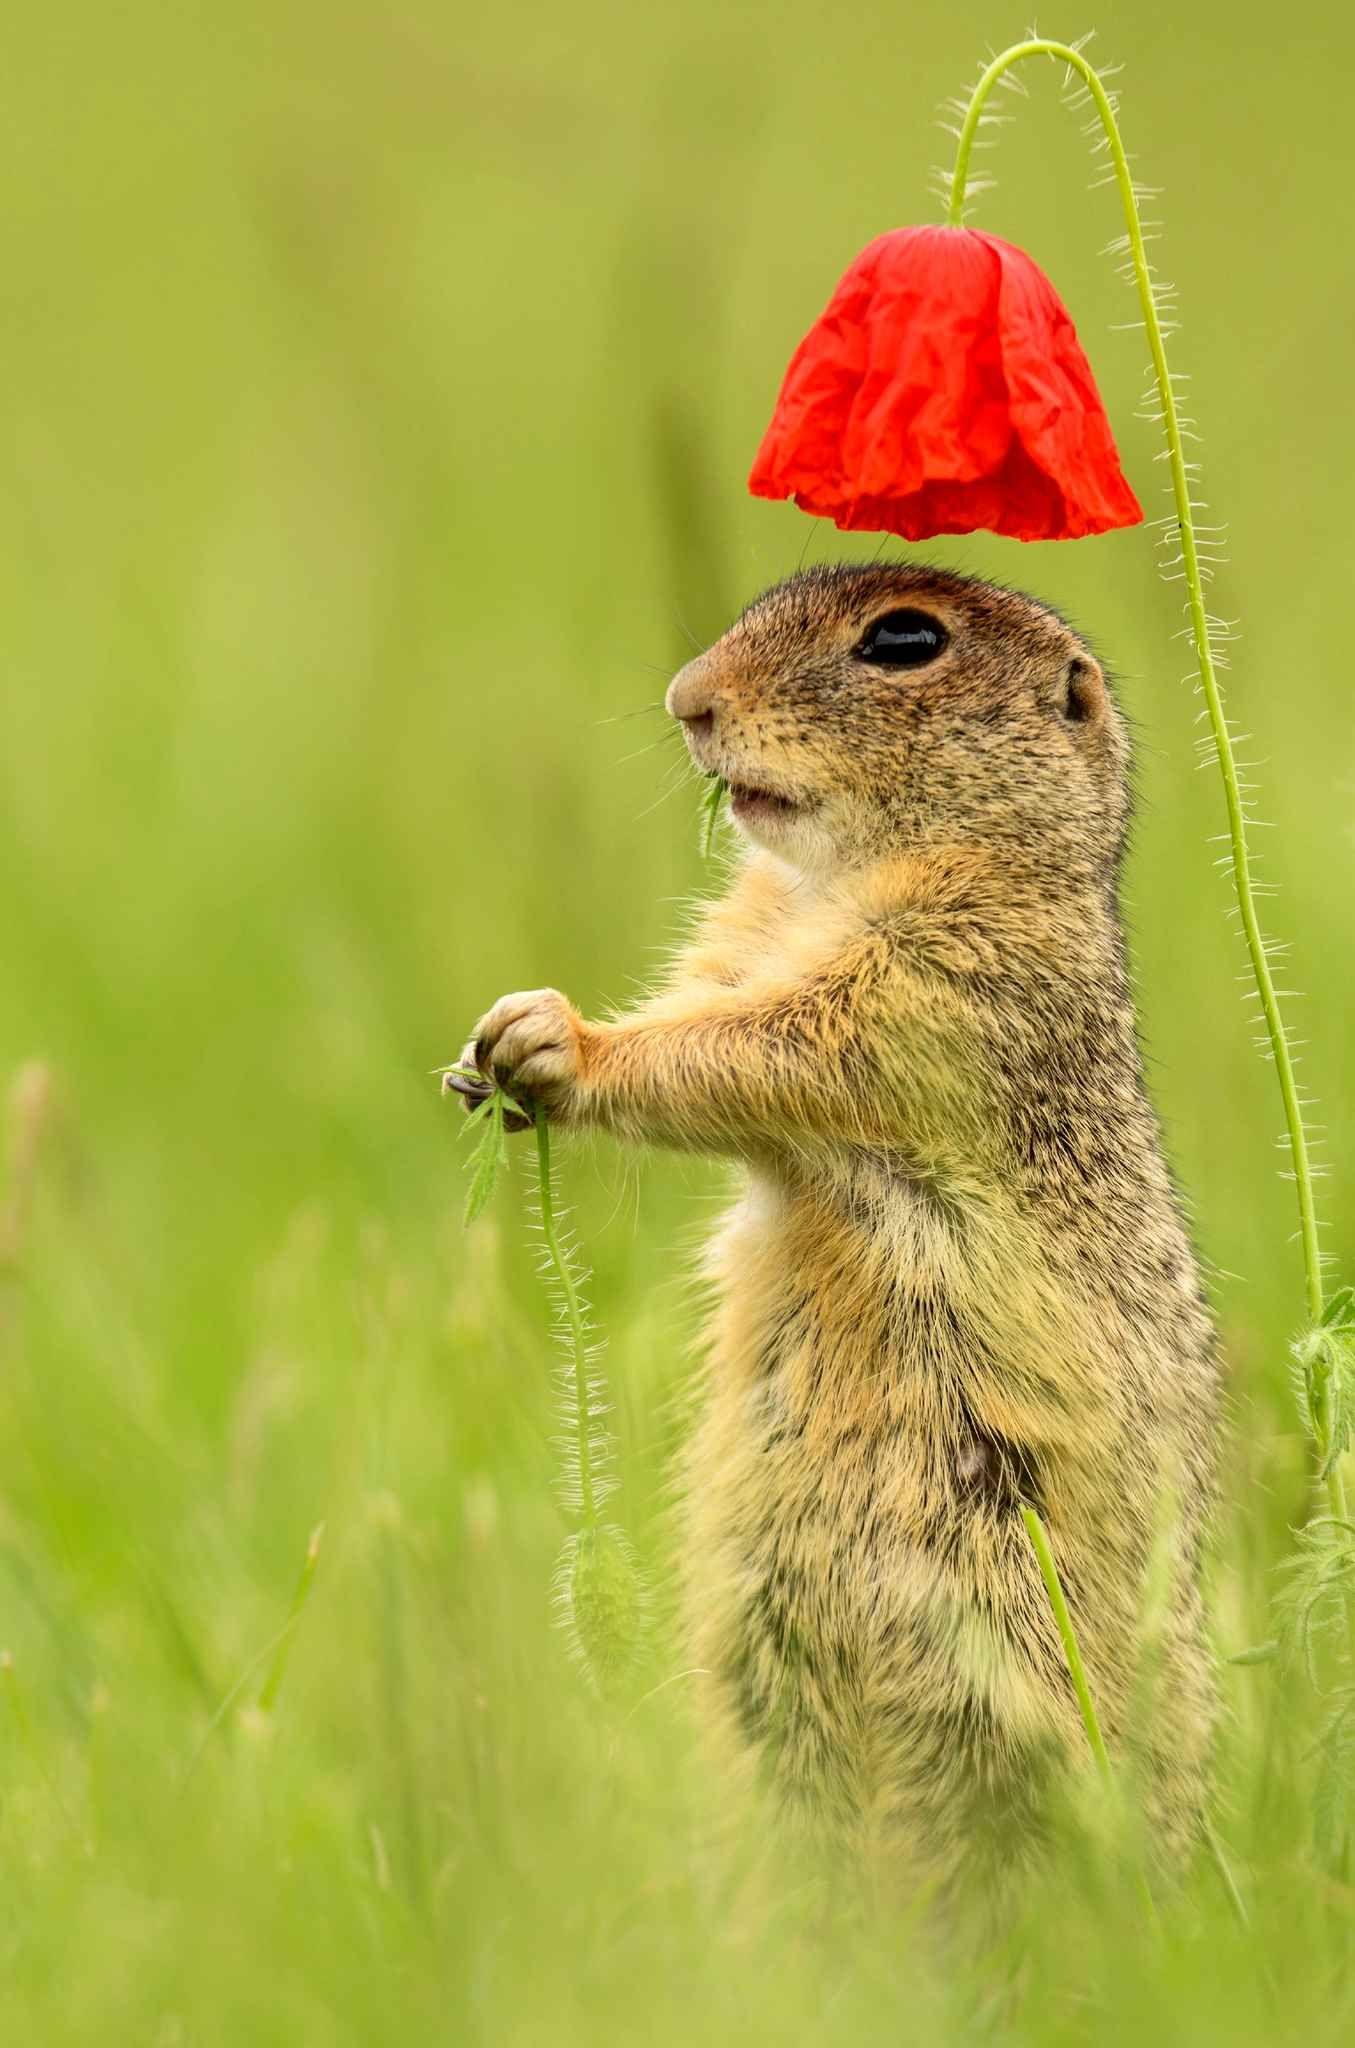 Un parapluie aussi adorable que fragile, pour un ecureuil aussi adorable que malin. Au nord-est de